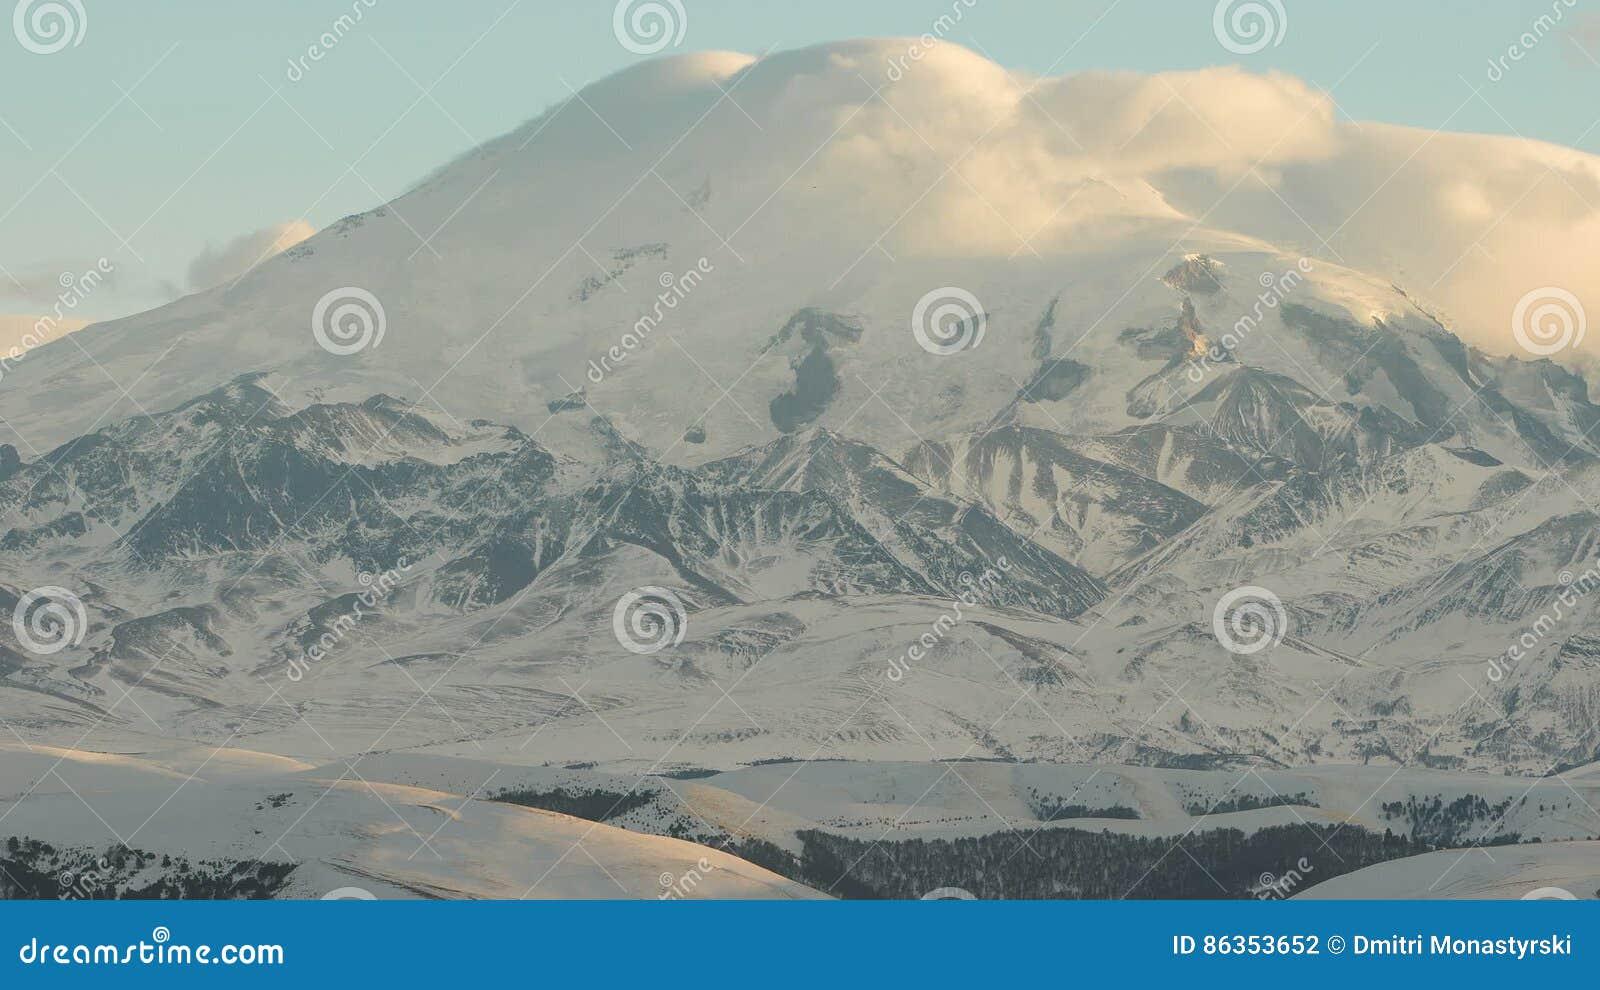 Where is the volcano Elbrus 63